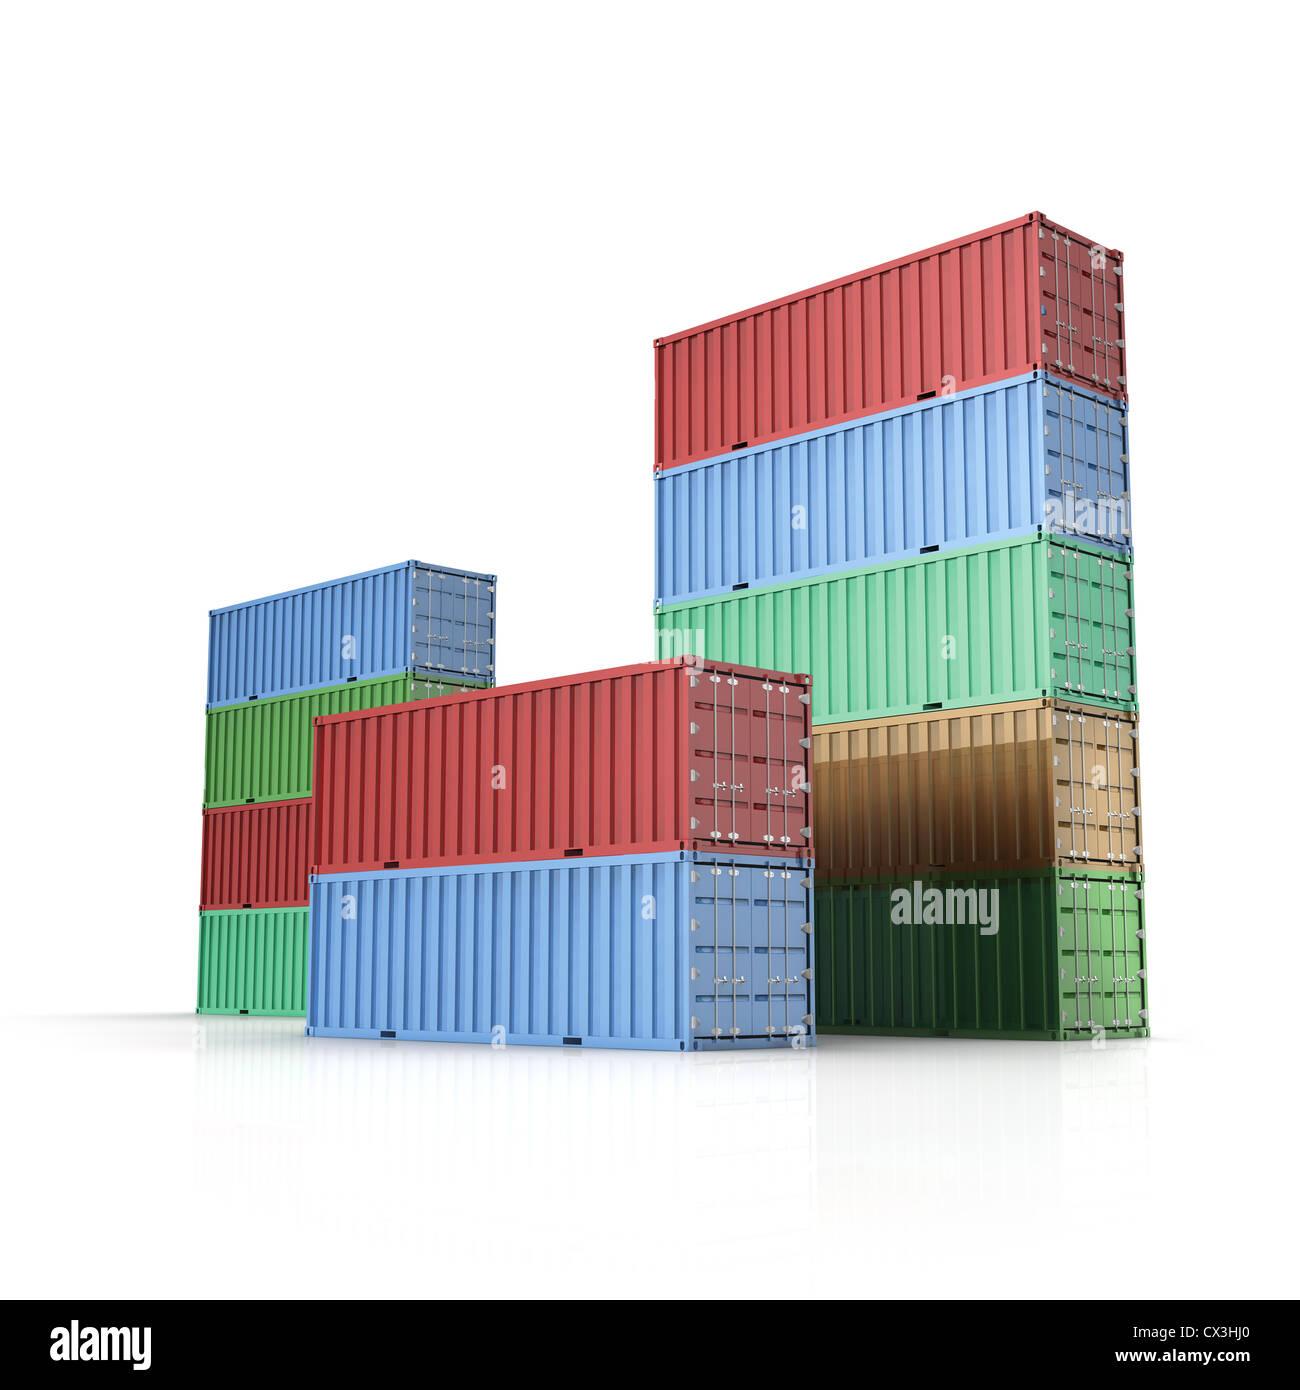 Container / Frachtcontainer für Schiffsfracht auf weissem Hintergrund - International Container for cargo - Stock Image